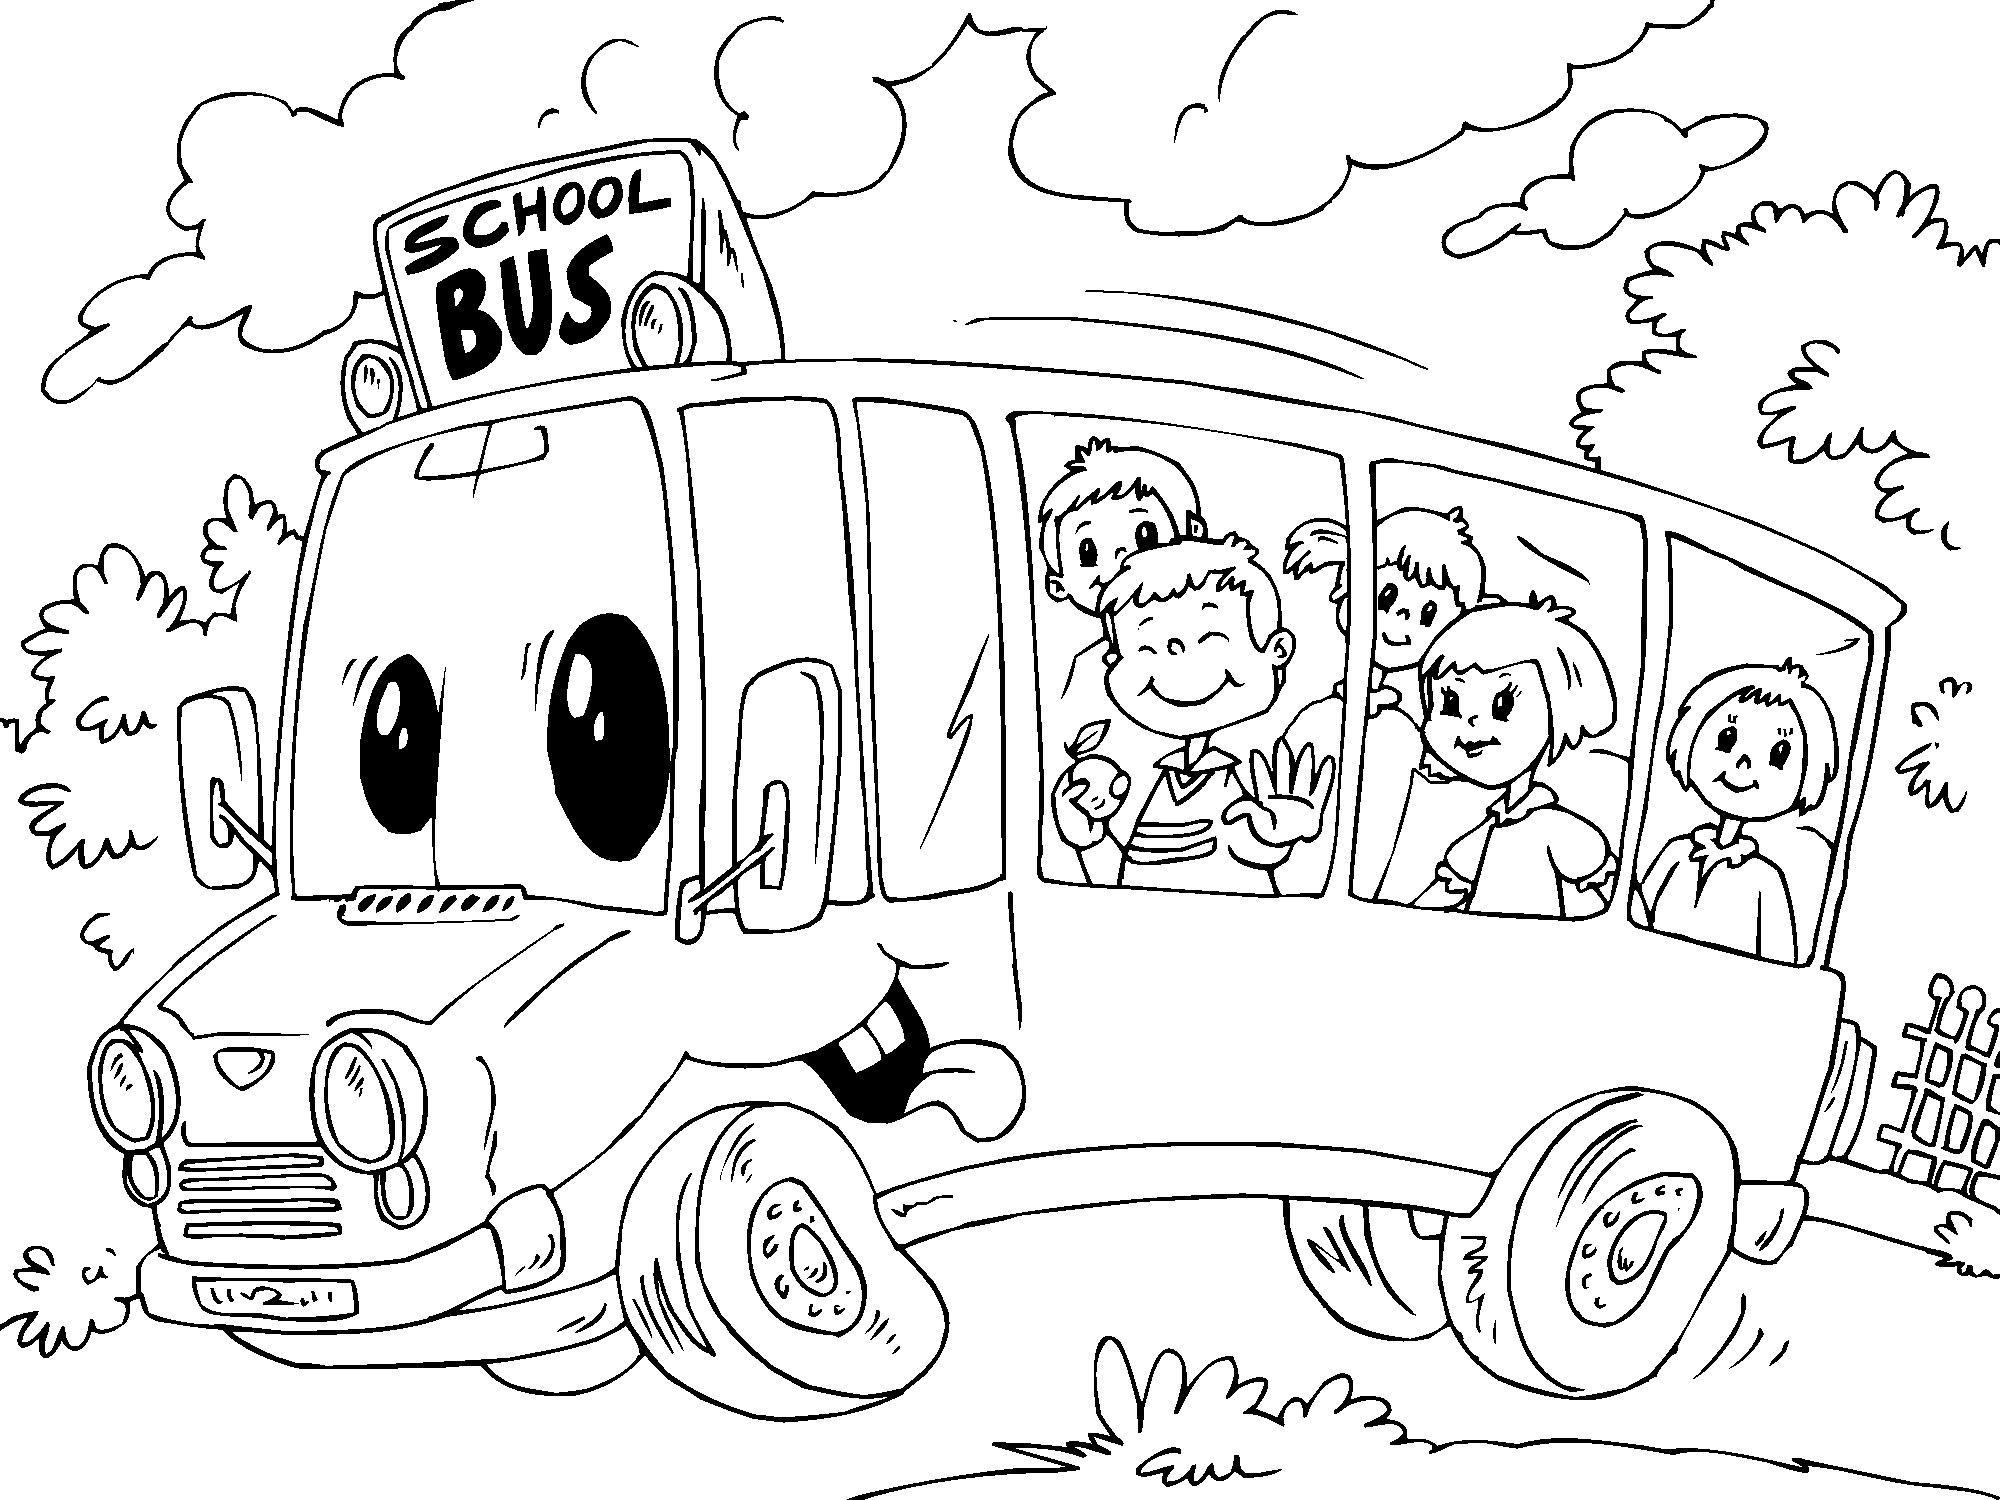 Malvorlage SChulbus - Kostenlose Ausmalbilder Zum Ausdrucken